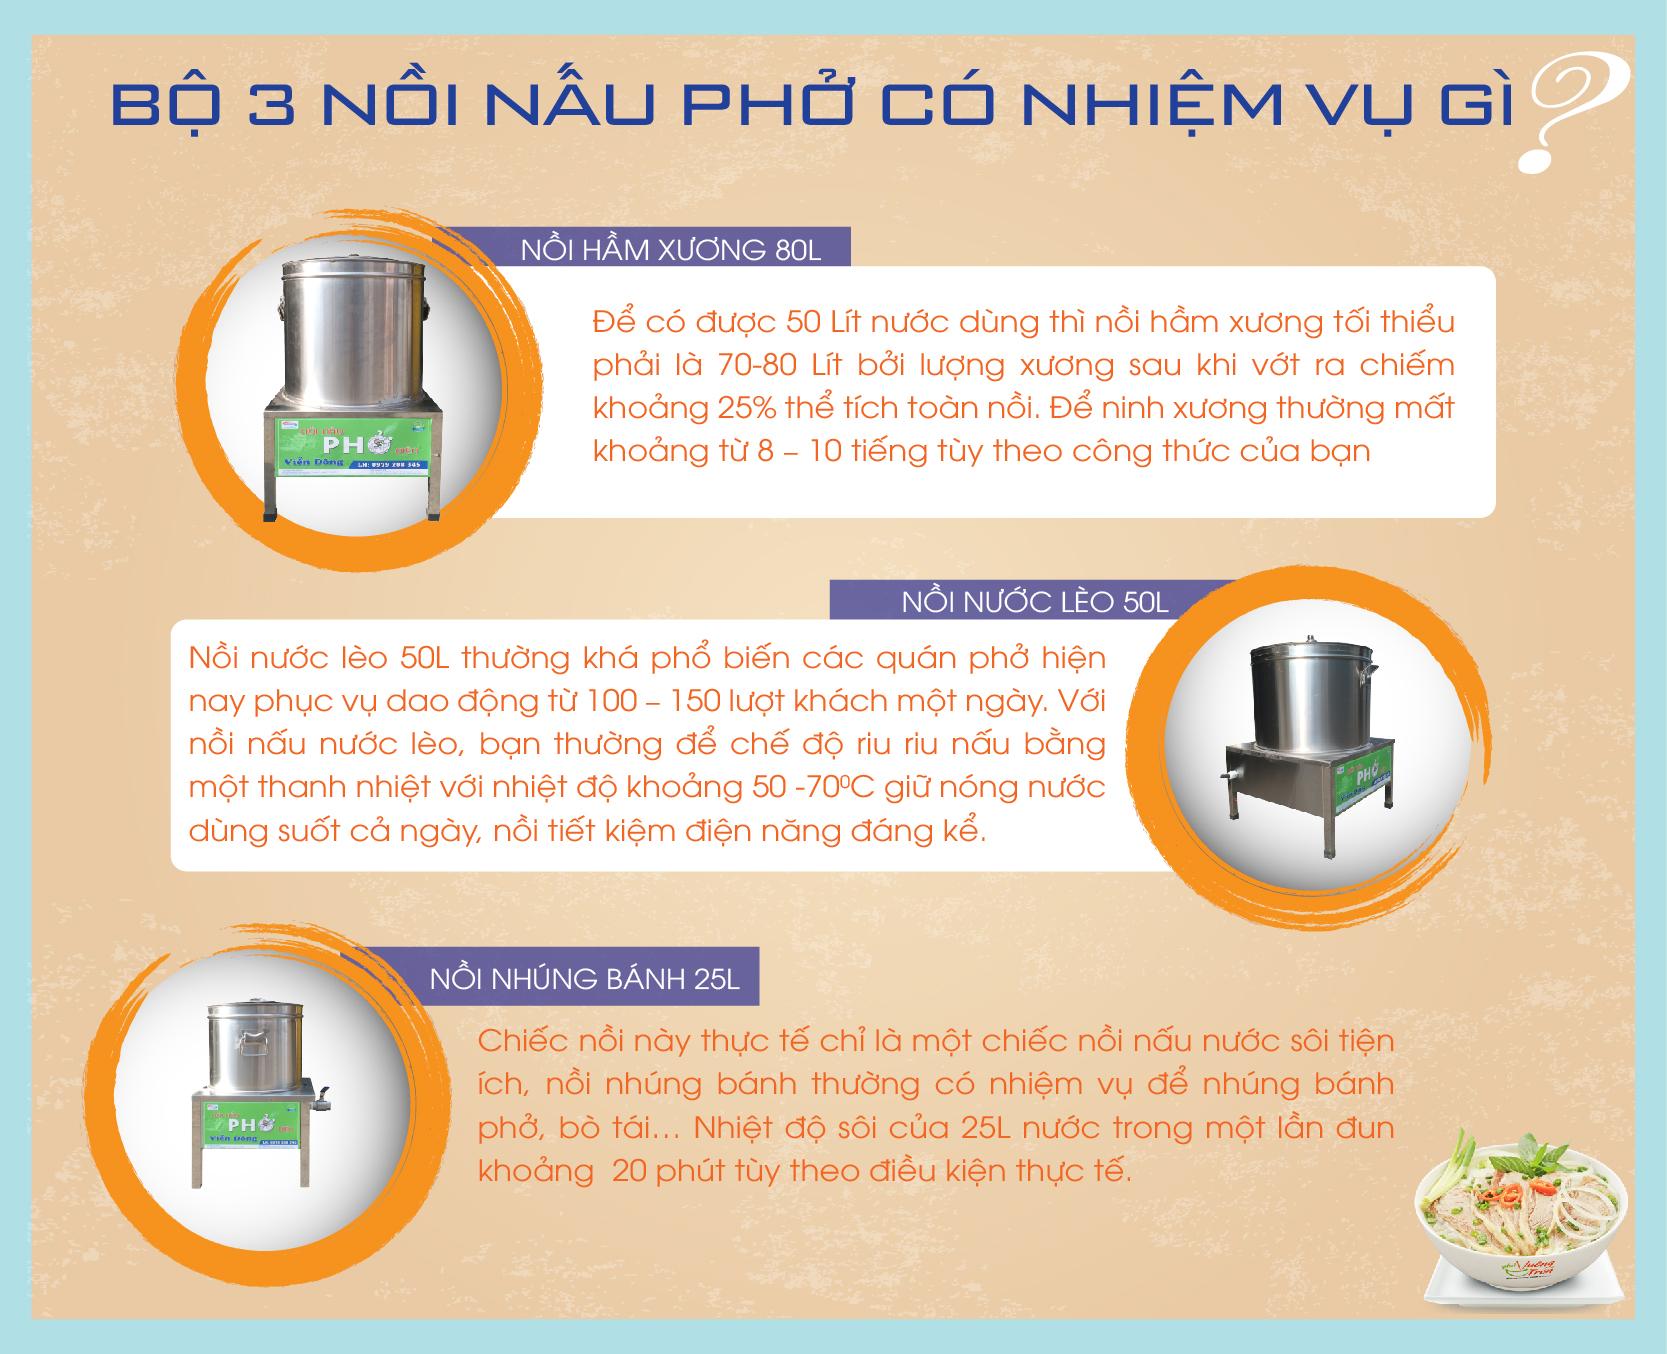 bo-noi-nau-pho-25l-50l-80l-tieu-chuan-anh1